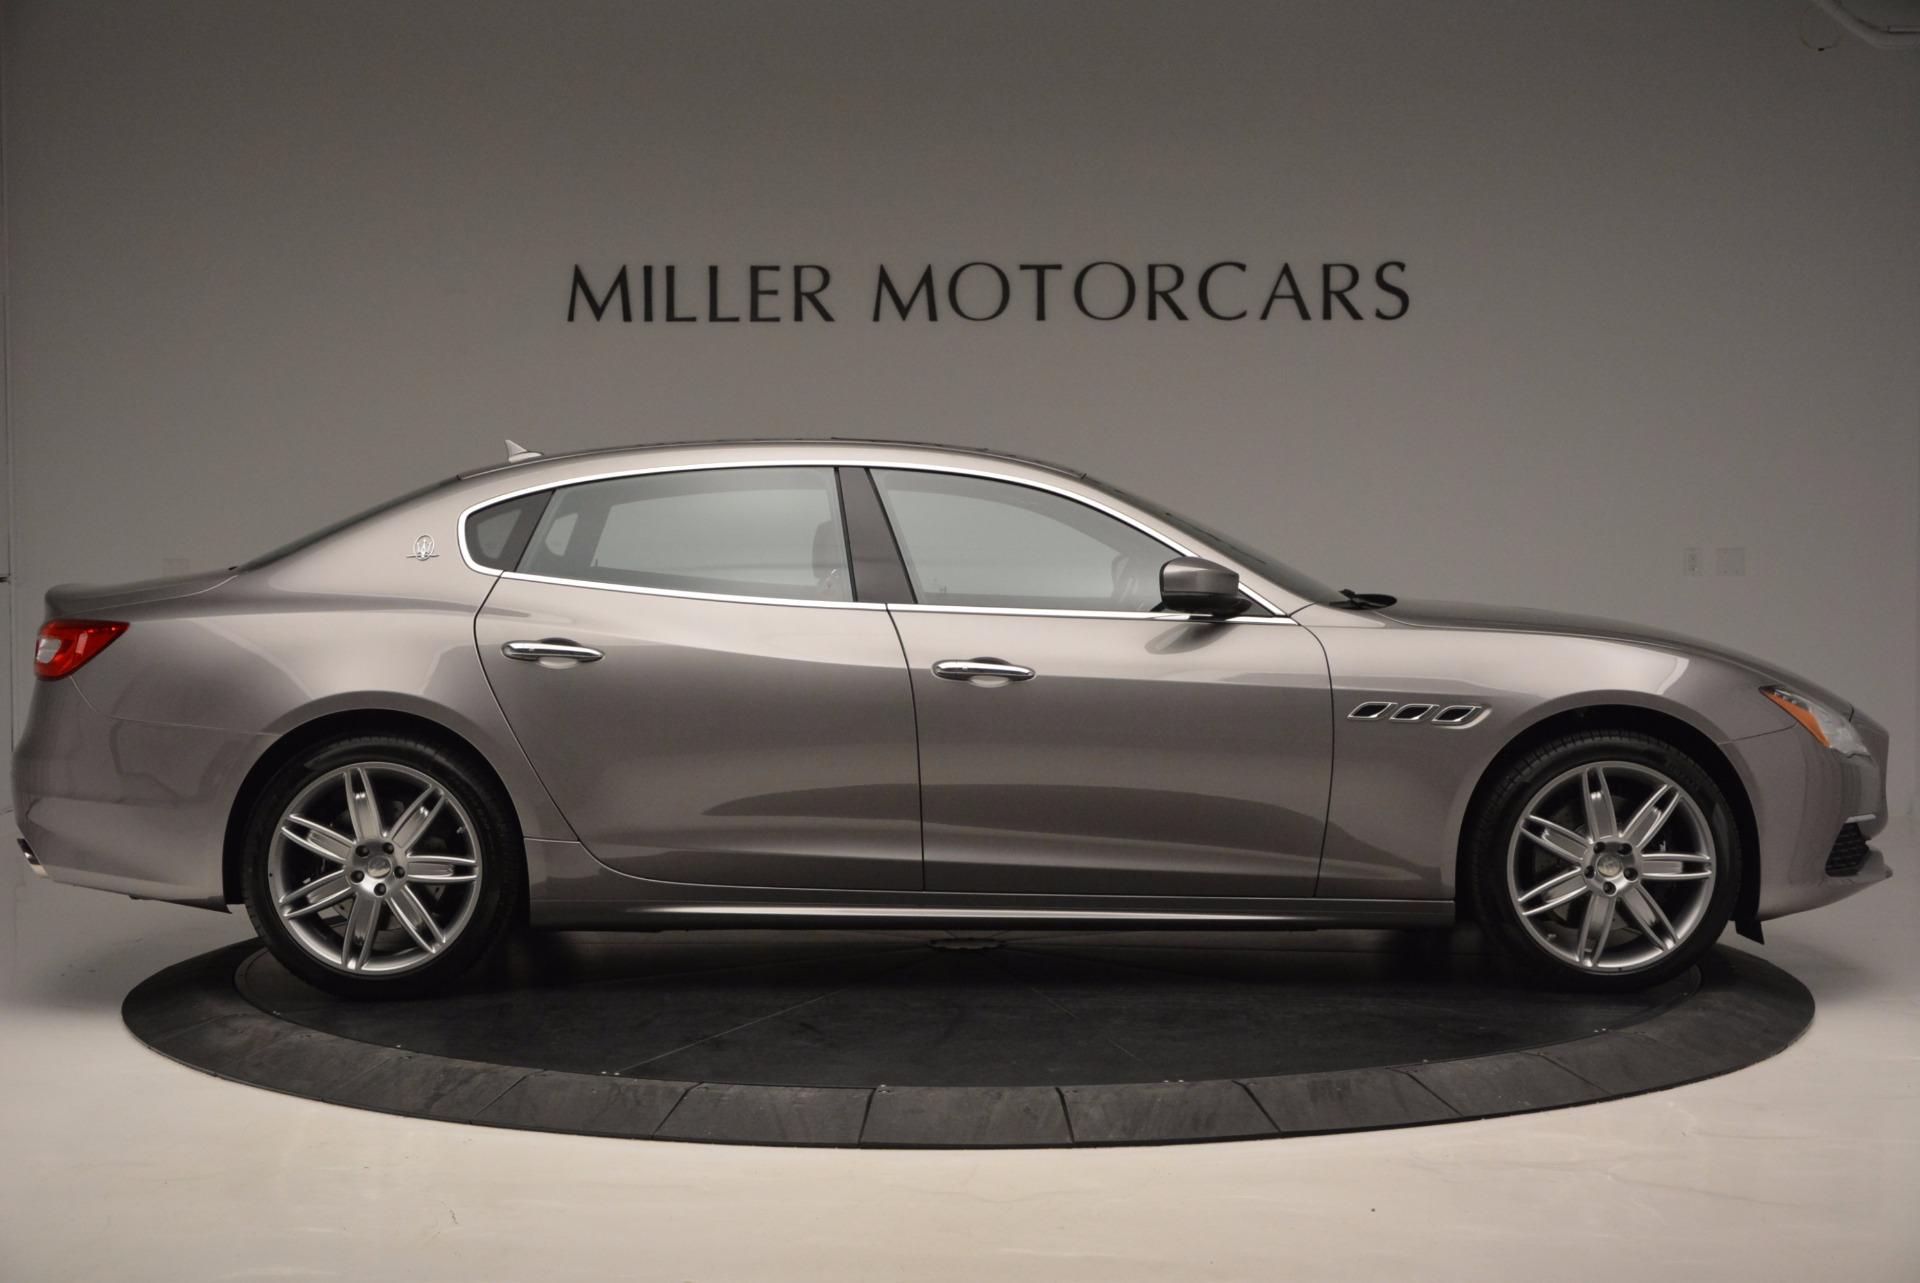 New 2017 Maserati Quattroporte S Q4 GranLusso For Sale In Westport, CT 1422_p9